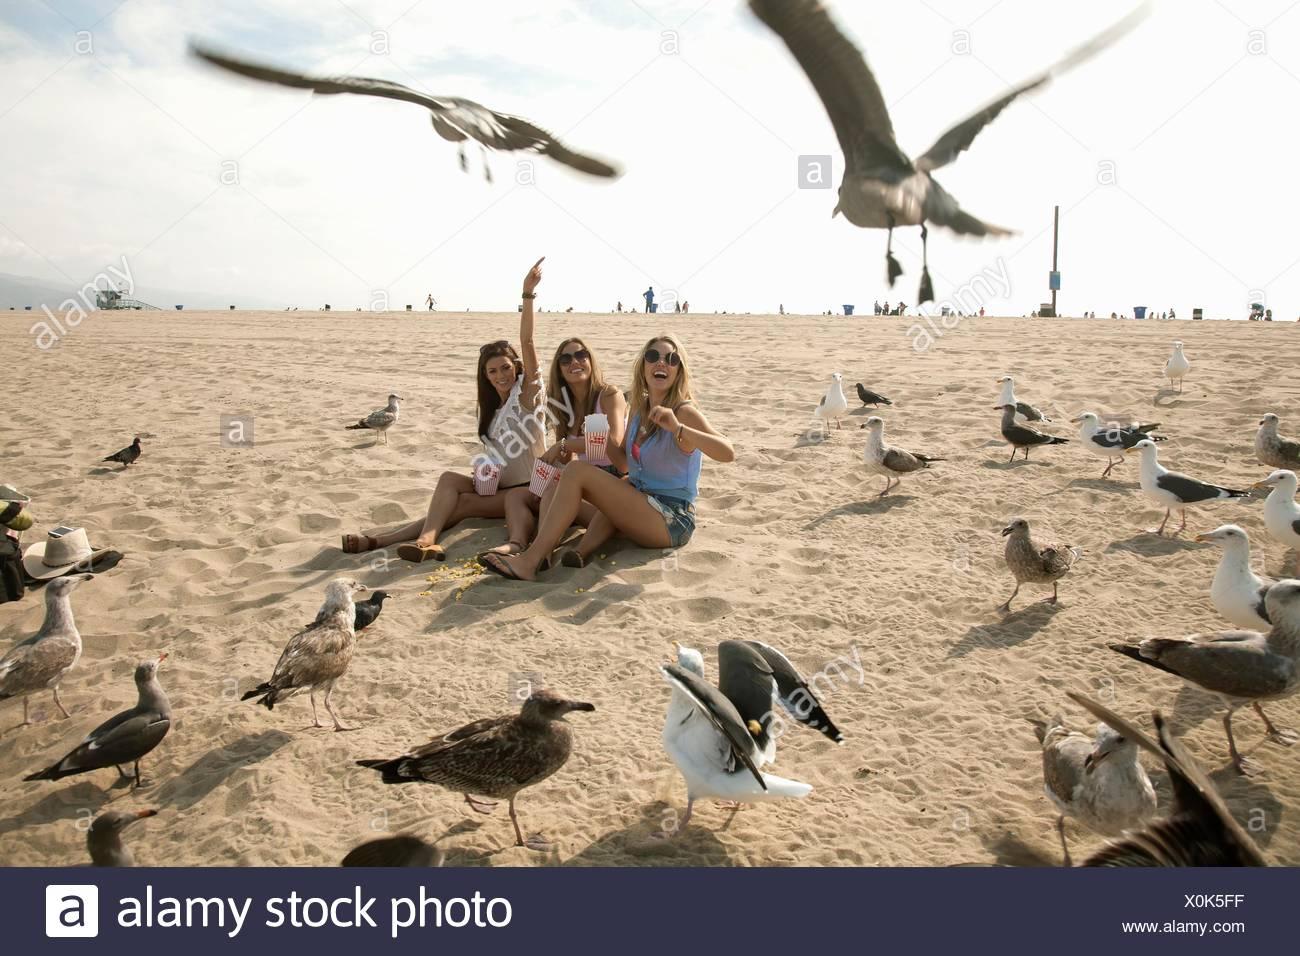 Tres jóvenes mujeres, sentado en la playa, rodeado de gaviotas Imagen De Stock